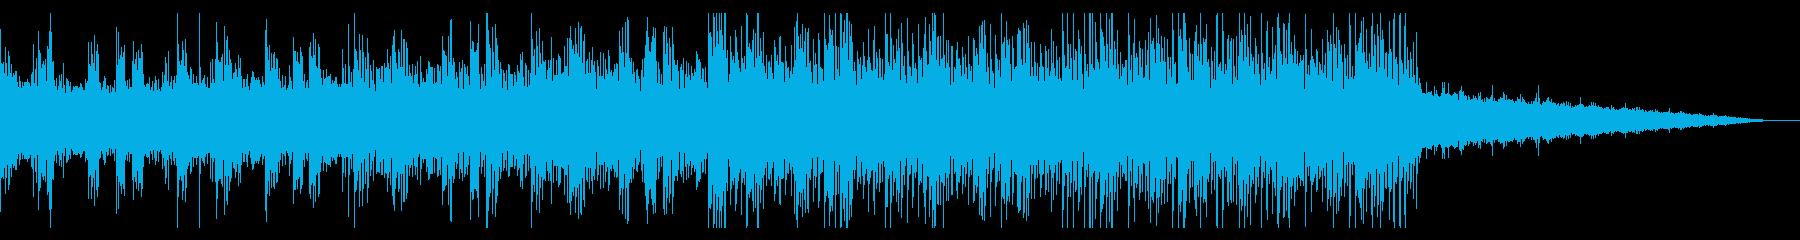 ディープでトライバルなアンビエントの再生済みの波形